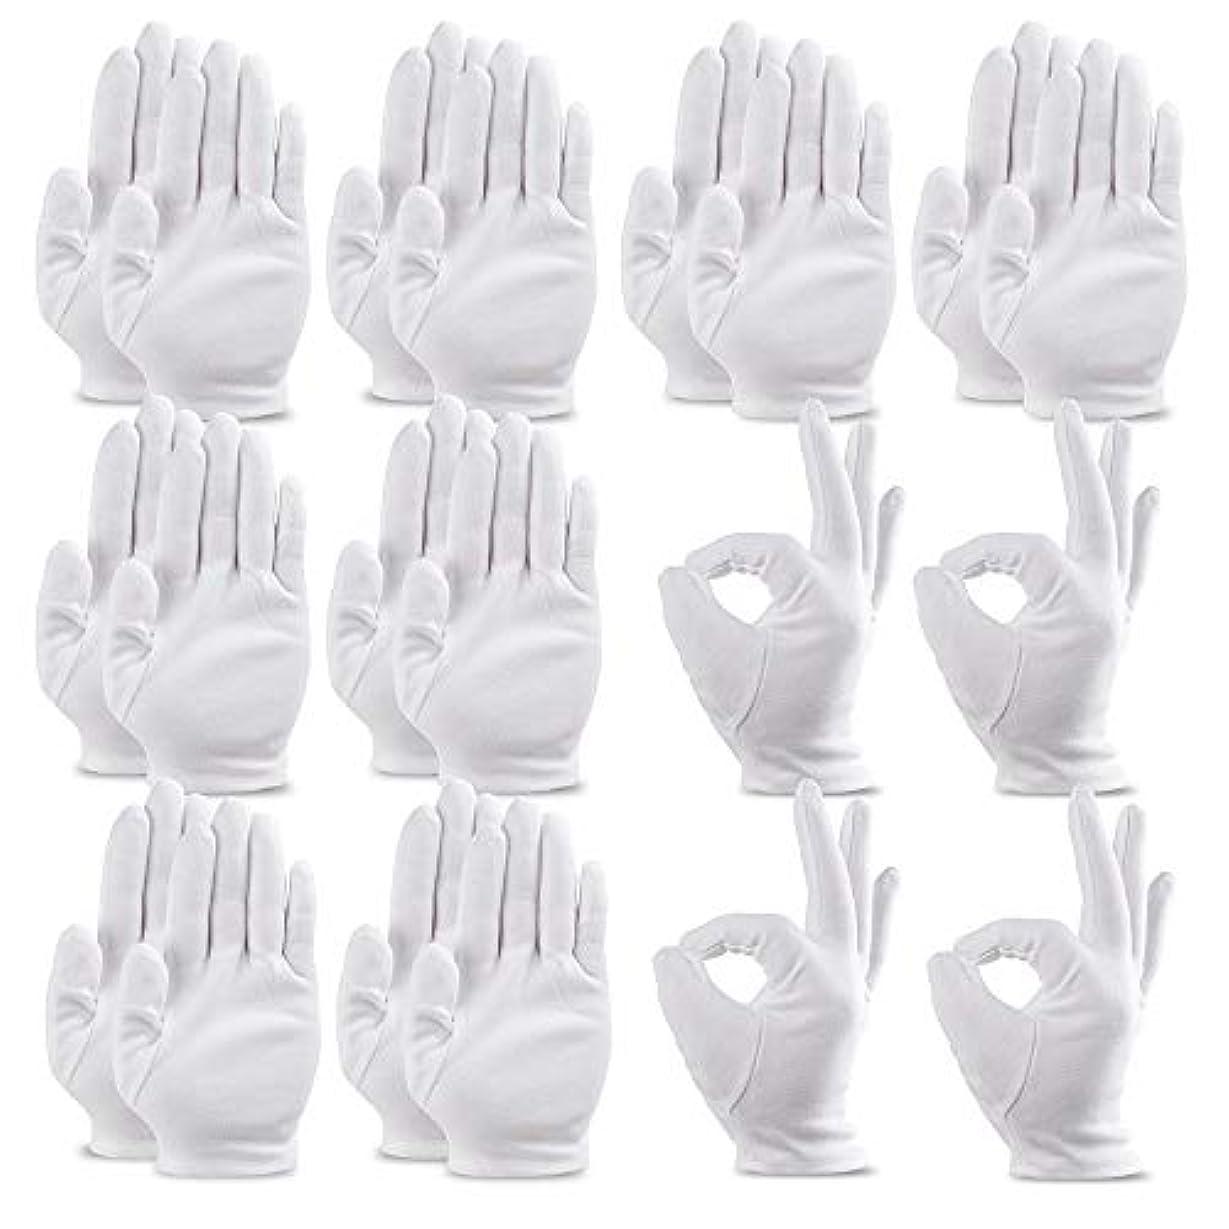 衰える漏斗決めます20枚入手袋 綿手袋 乾燥肌用 湿疹用 保湿用 コットン手袋 インナーコットン 手荒れ イズ